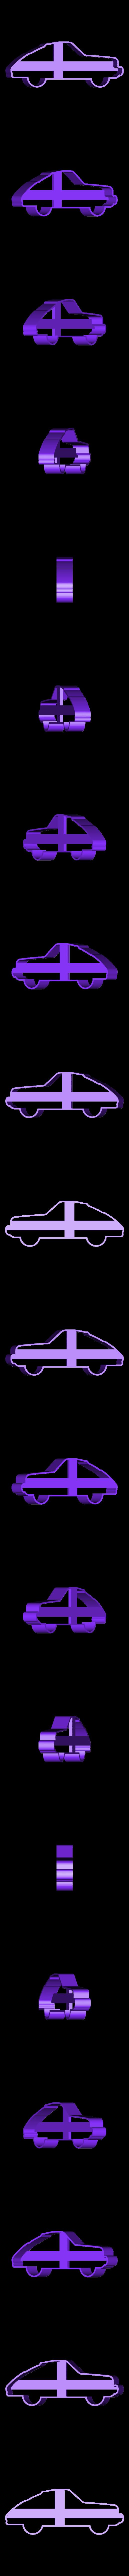 3D-01068-4.5IN NO DETAIL2 - PORSCHE 911.stl Descargar archivo STL Cortador de galletas Porsche 911 • Modelo para imprimir en 3D, 3DPrintersaur